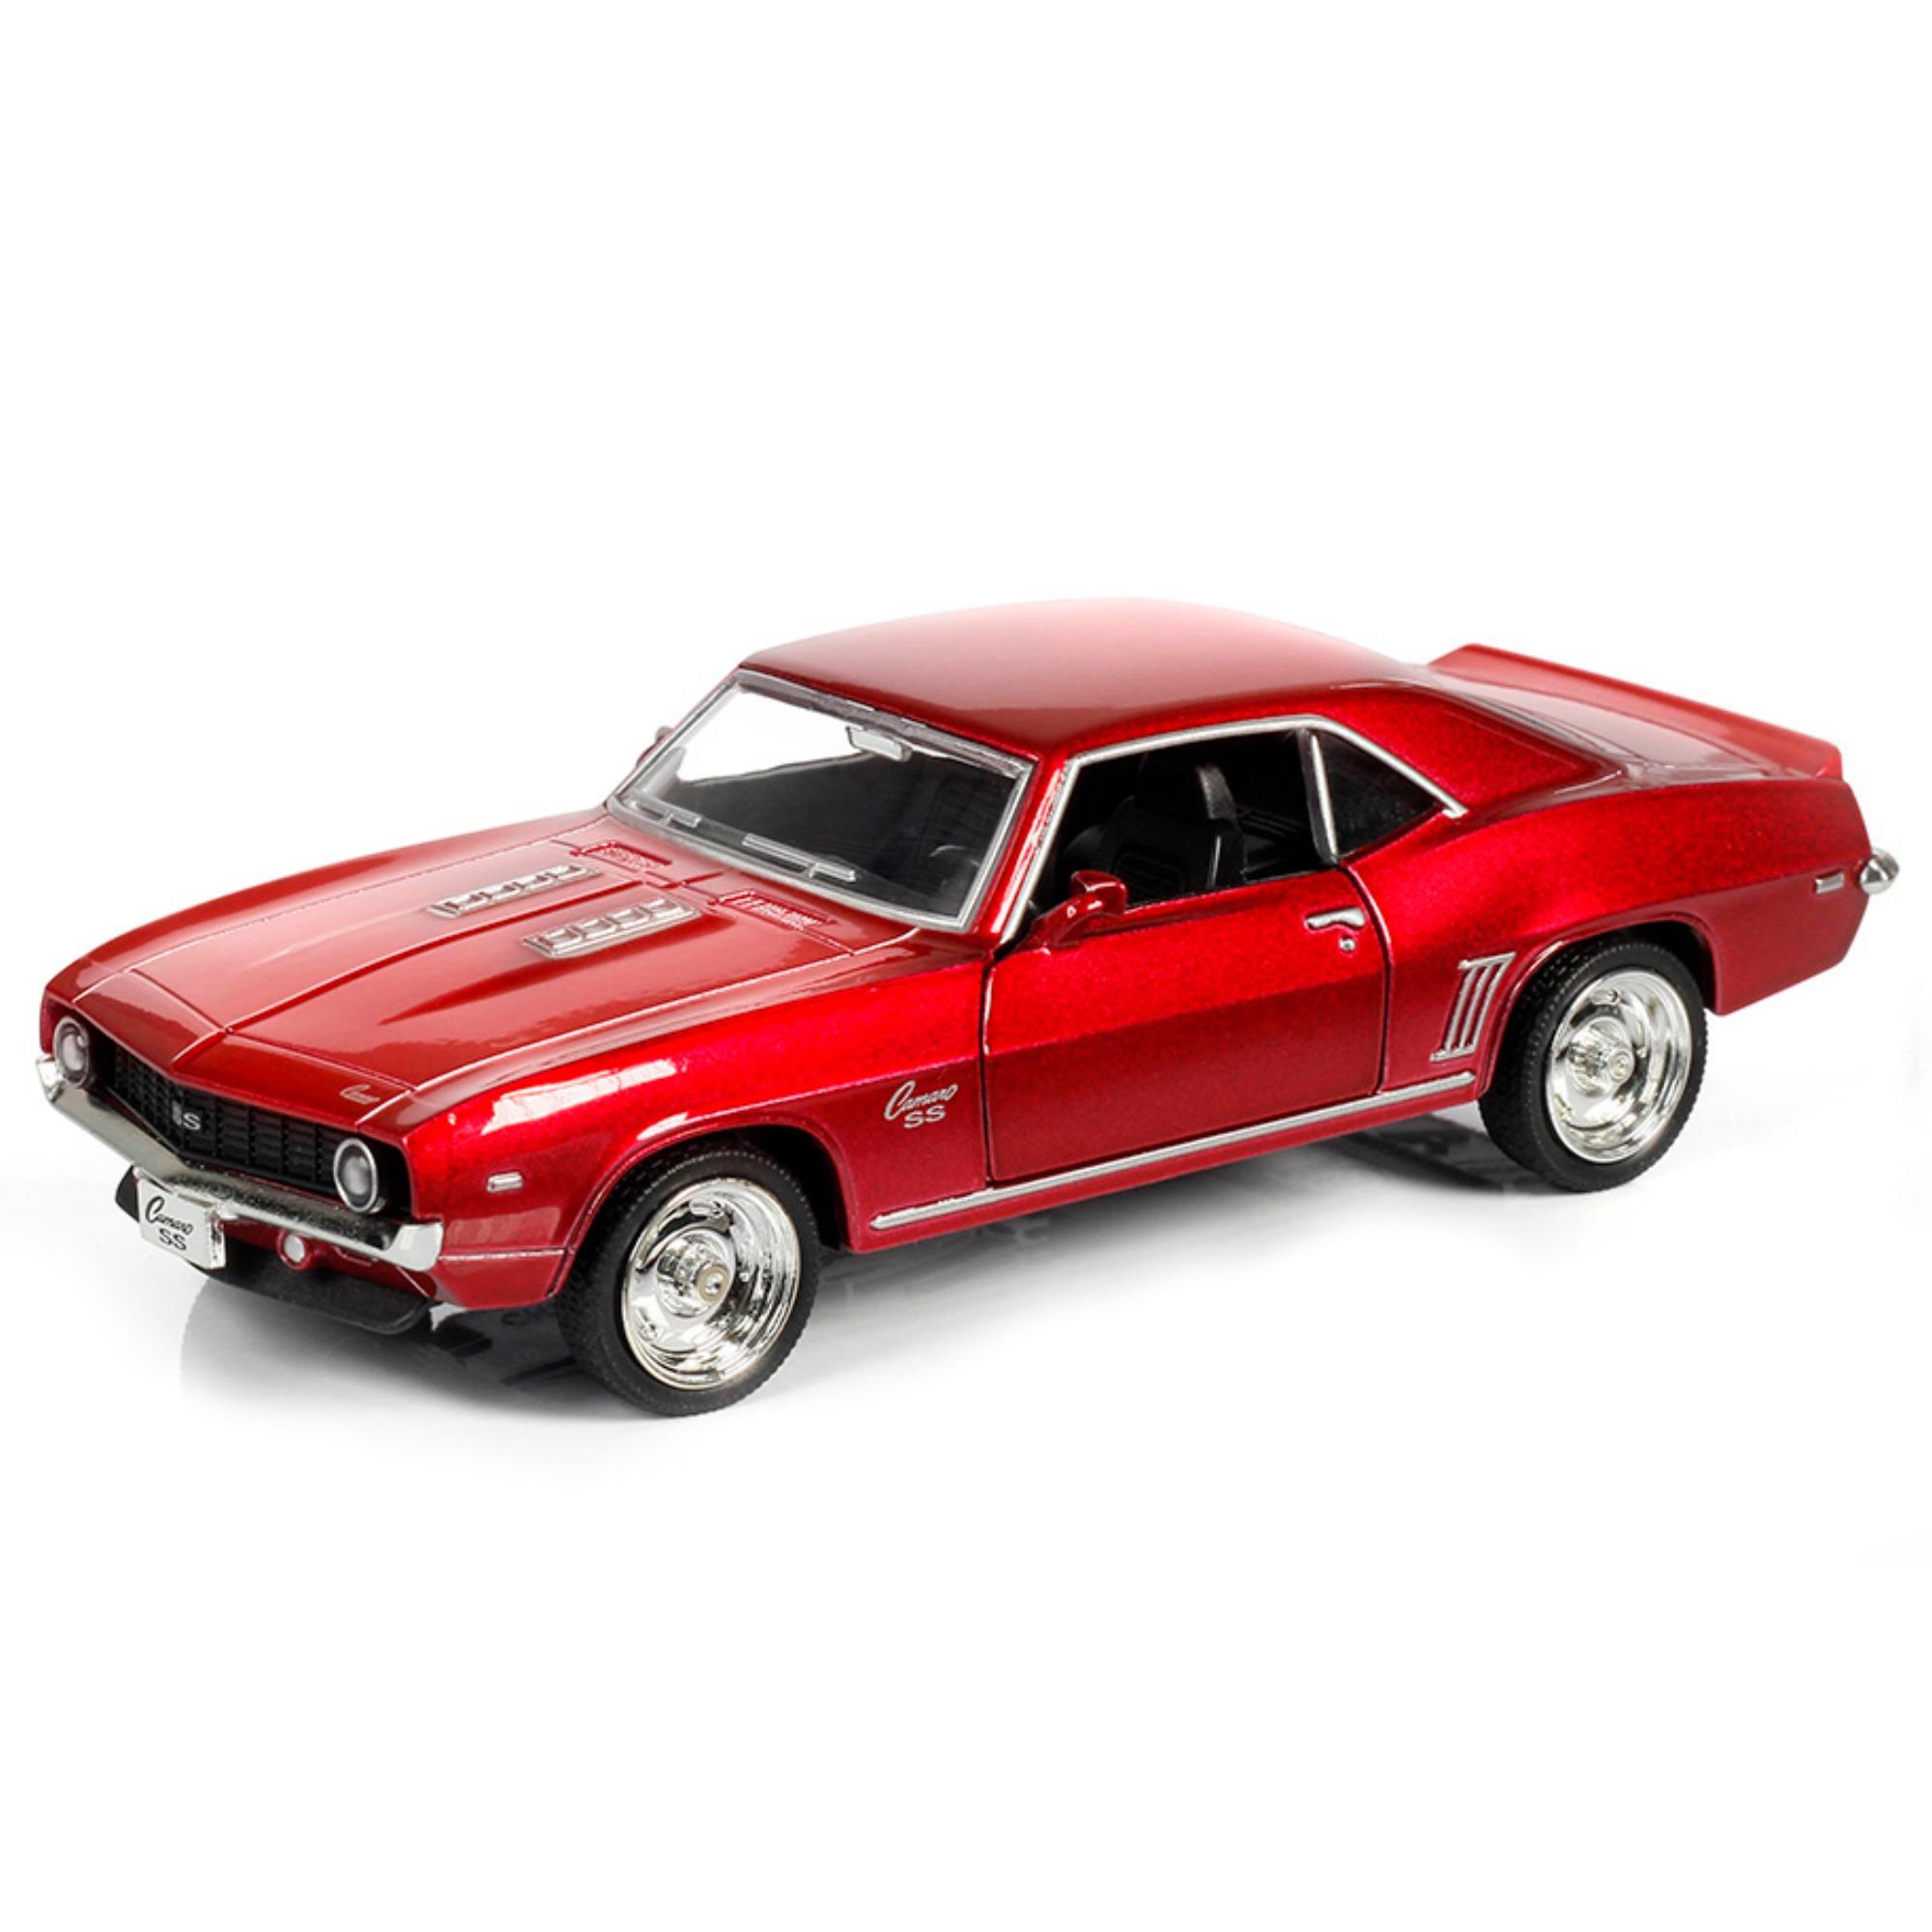 Купить Металлическая инерционная машина RMZ City - Chevrolet Camaro SS 1969, 1:32, красный металлик